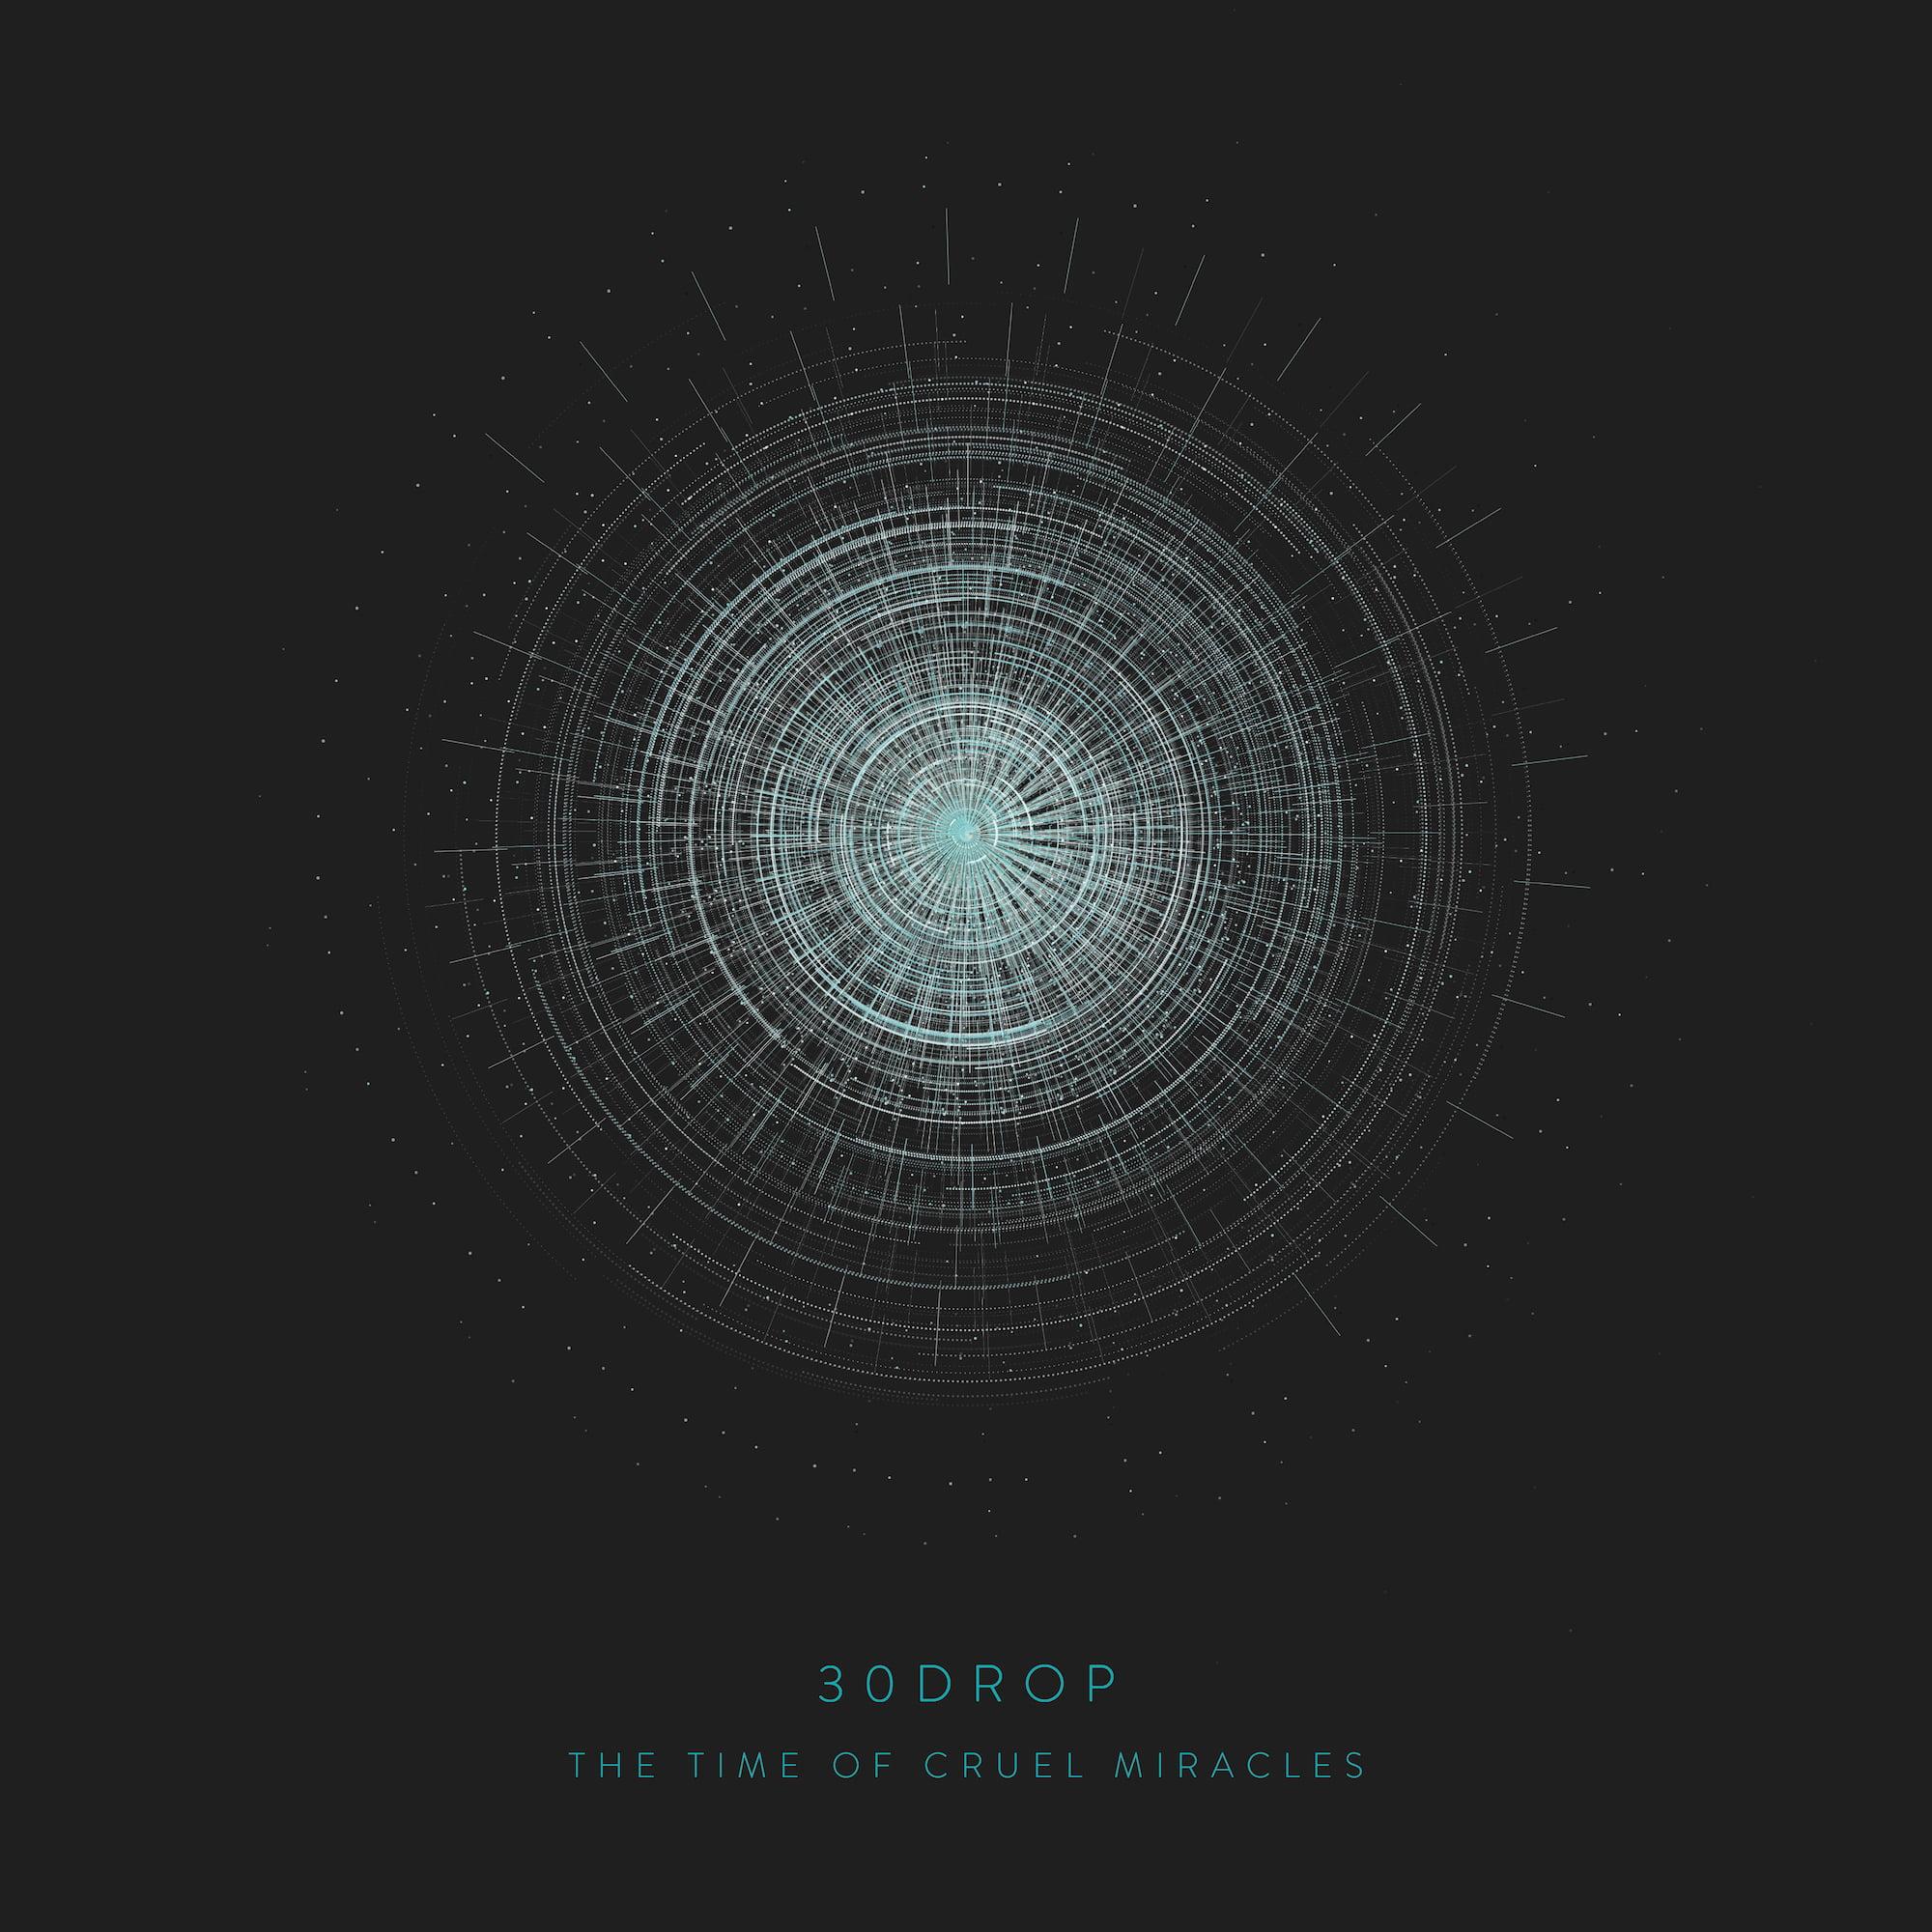 Substance colabora en el nuevo álbum de 30drop